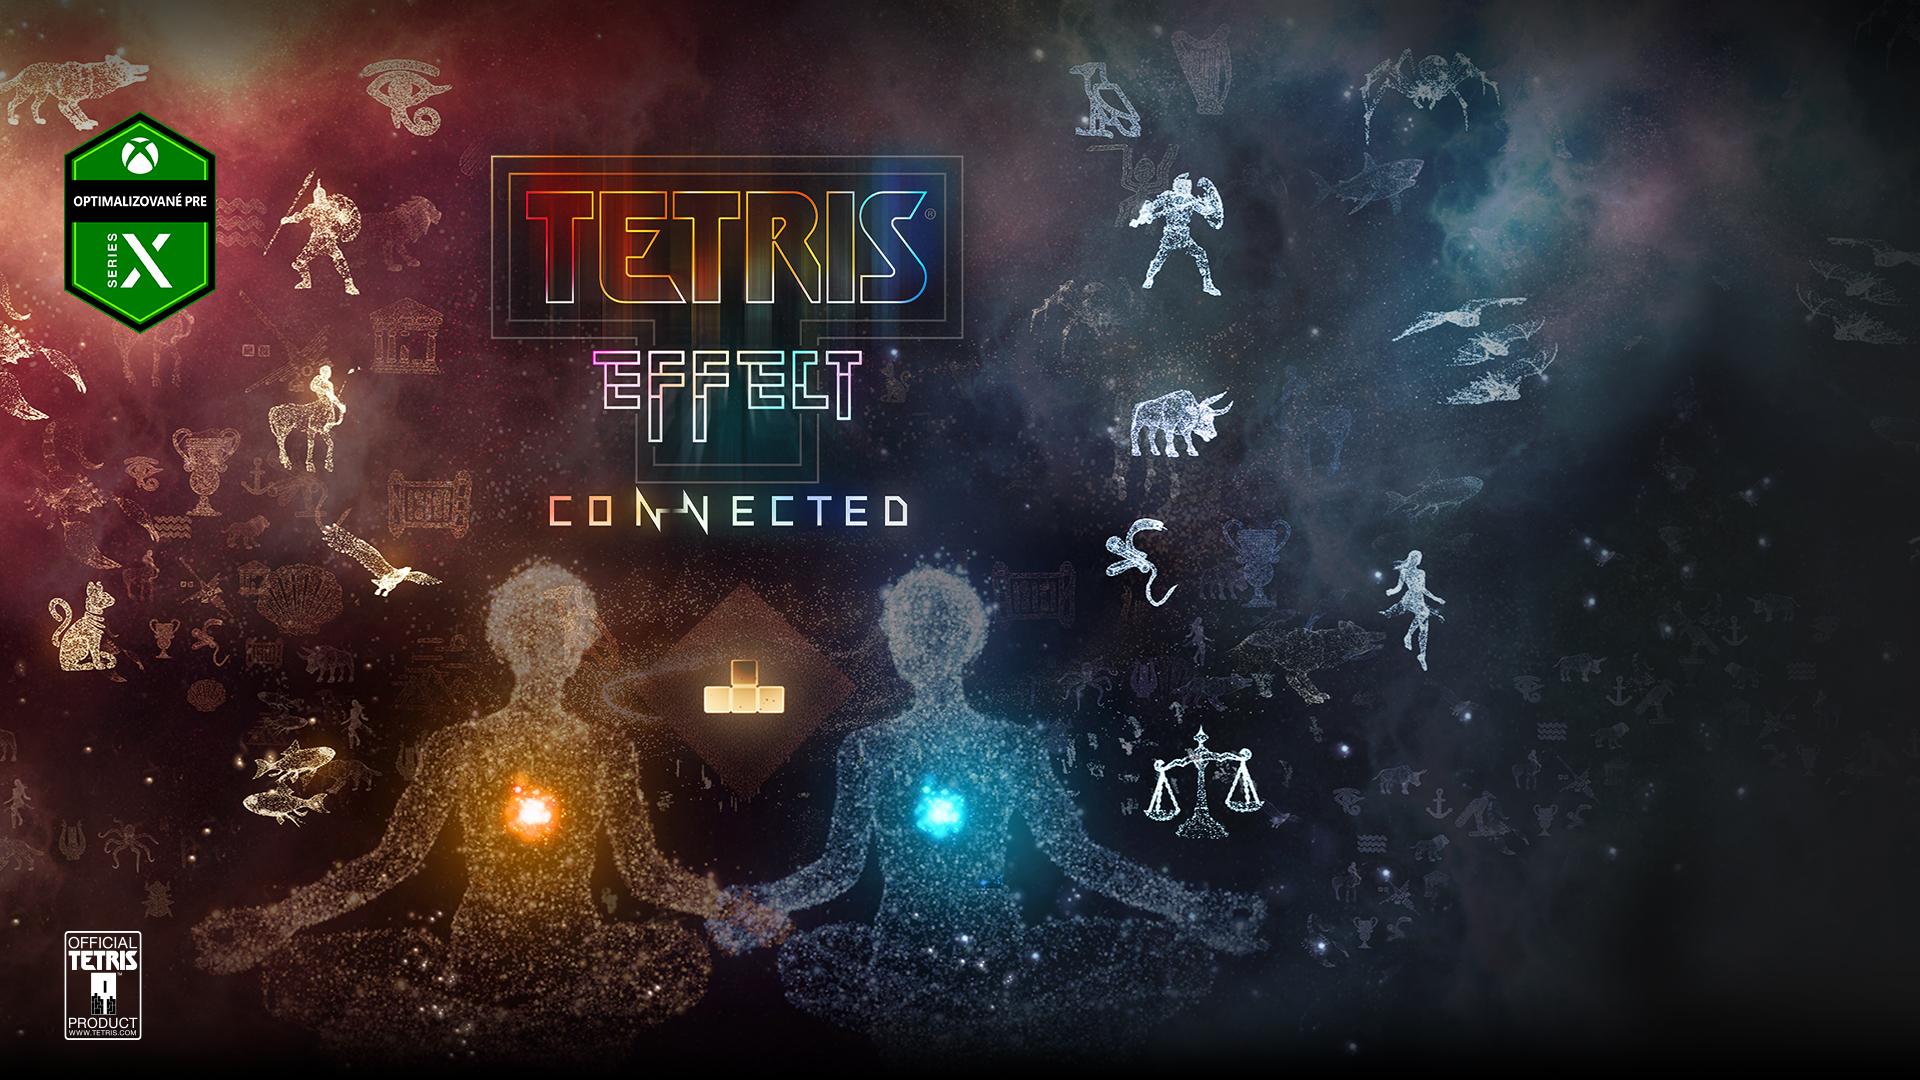 Optimalizované pre Series X, Tetris Effect Connected, oficiálny produkt Tetris, obrovské množstvo hviezdnych zoskupení na poskladanie zvierat a ľudí.